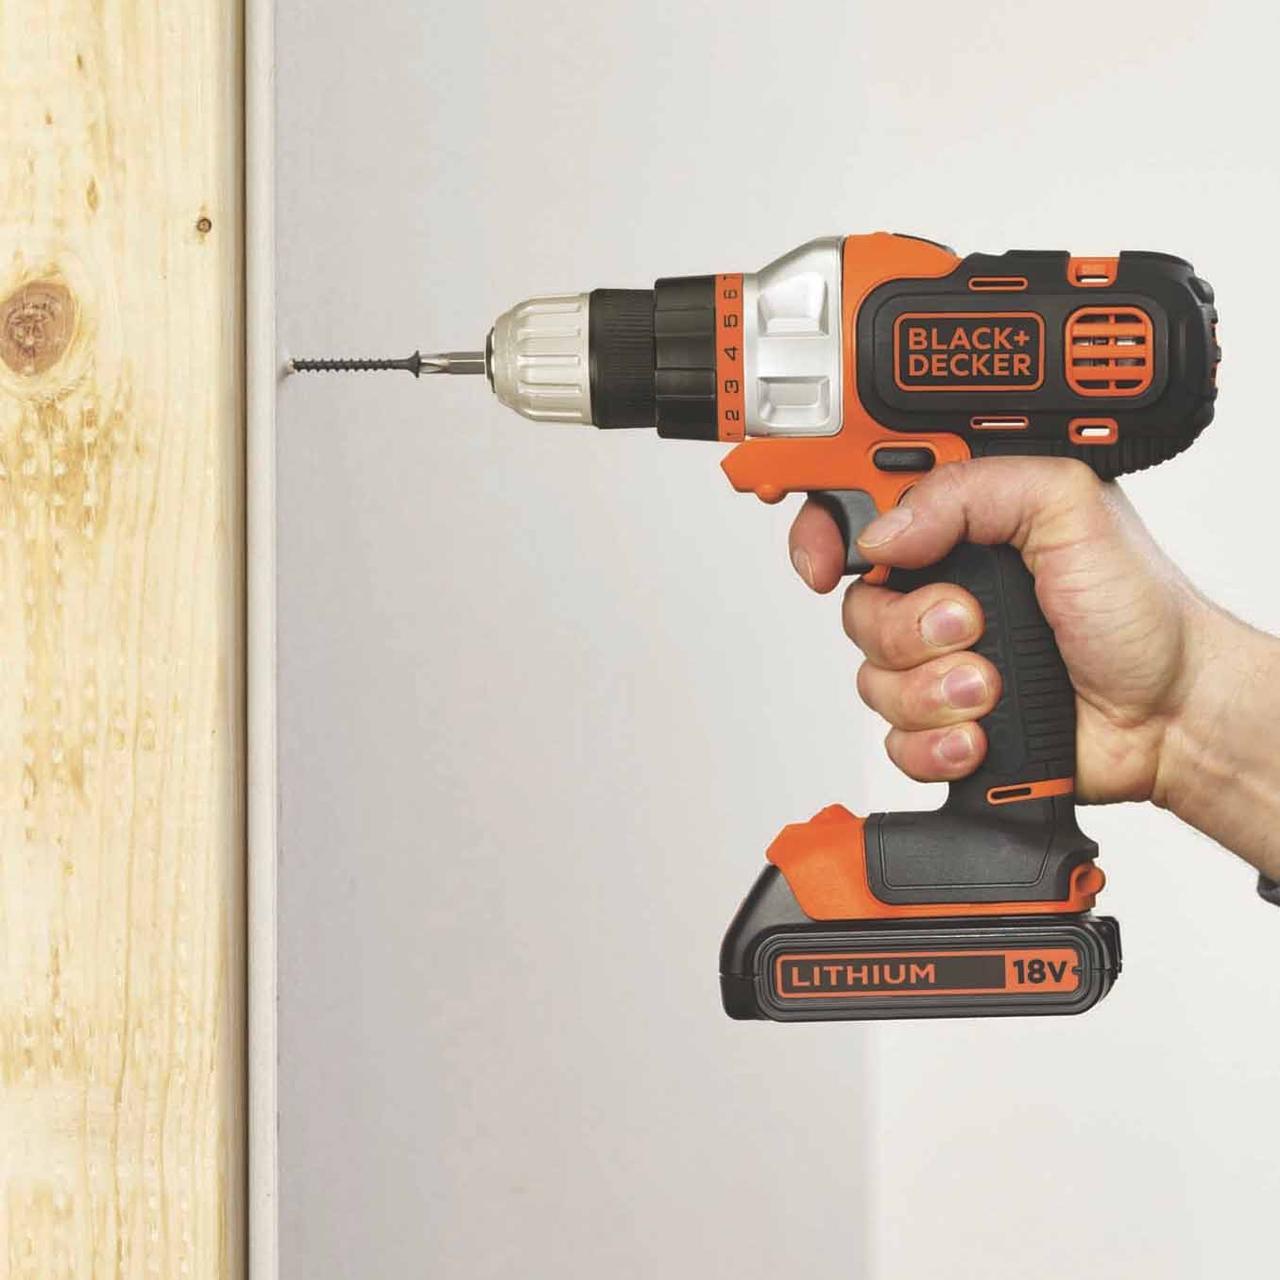 画像: 一般家庭での利用頻度が高い多機能電動工具2モデルのセット